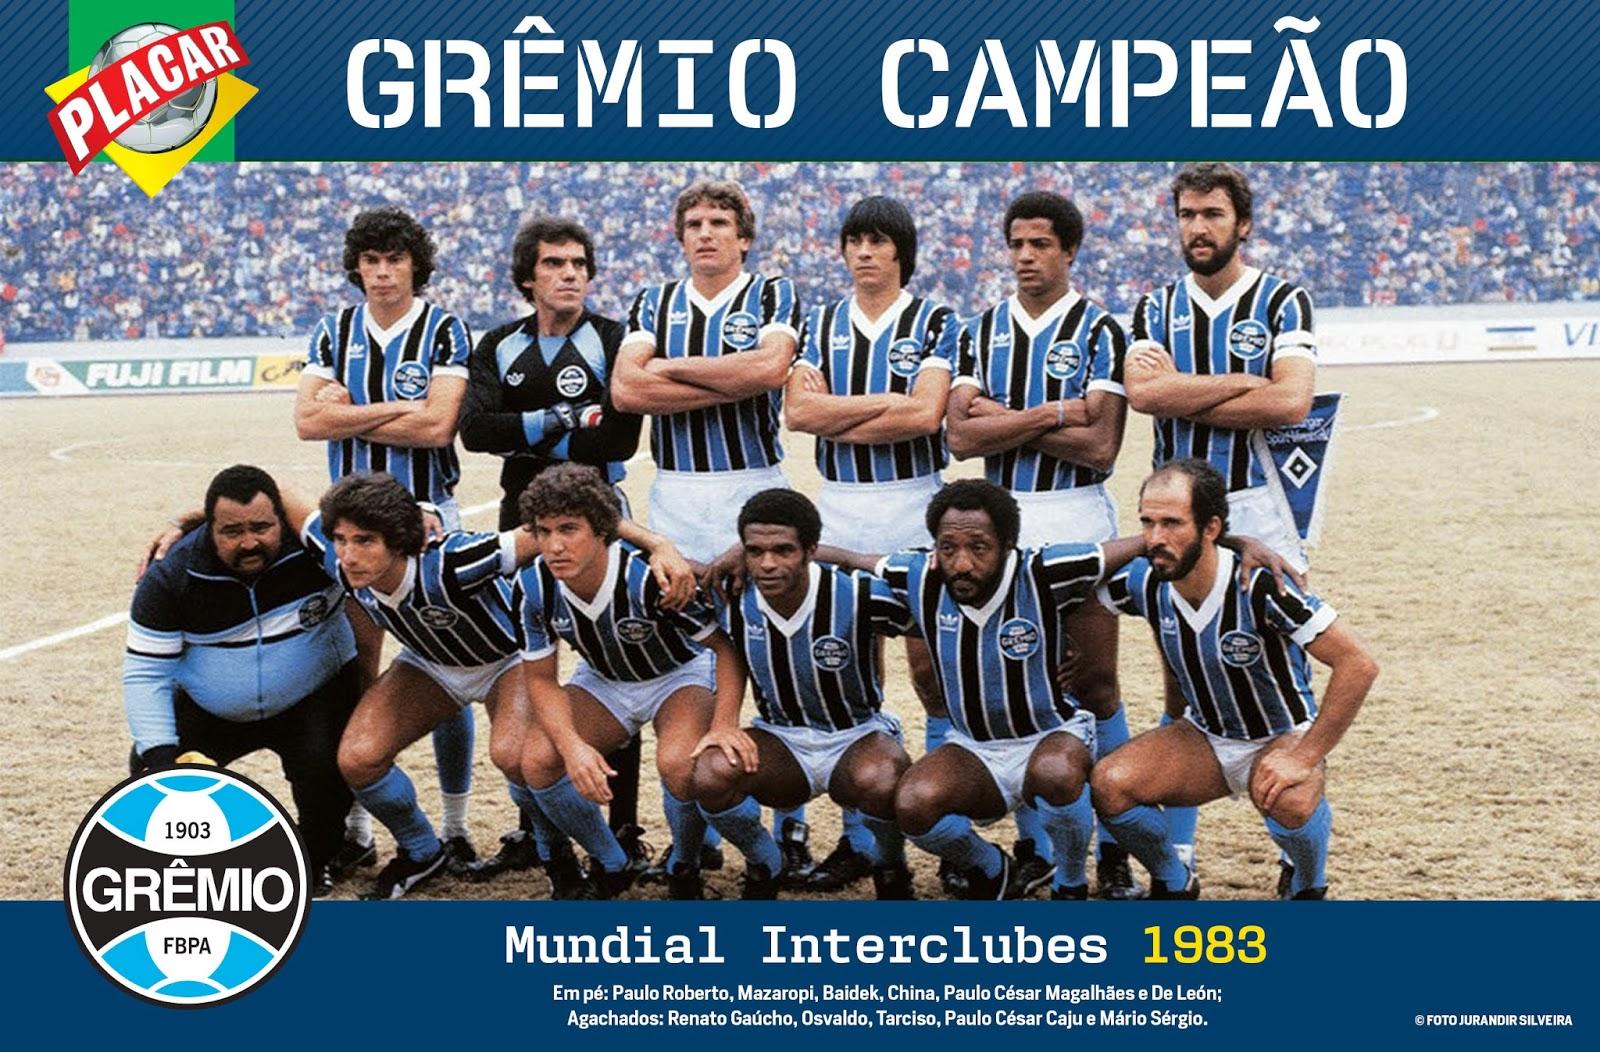 Há 30 anos  Grêmio Imortal Tricolor Gaúcho celebrava a conquista de campeão  mundial de clubes 57ecfdb267c44